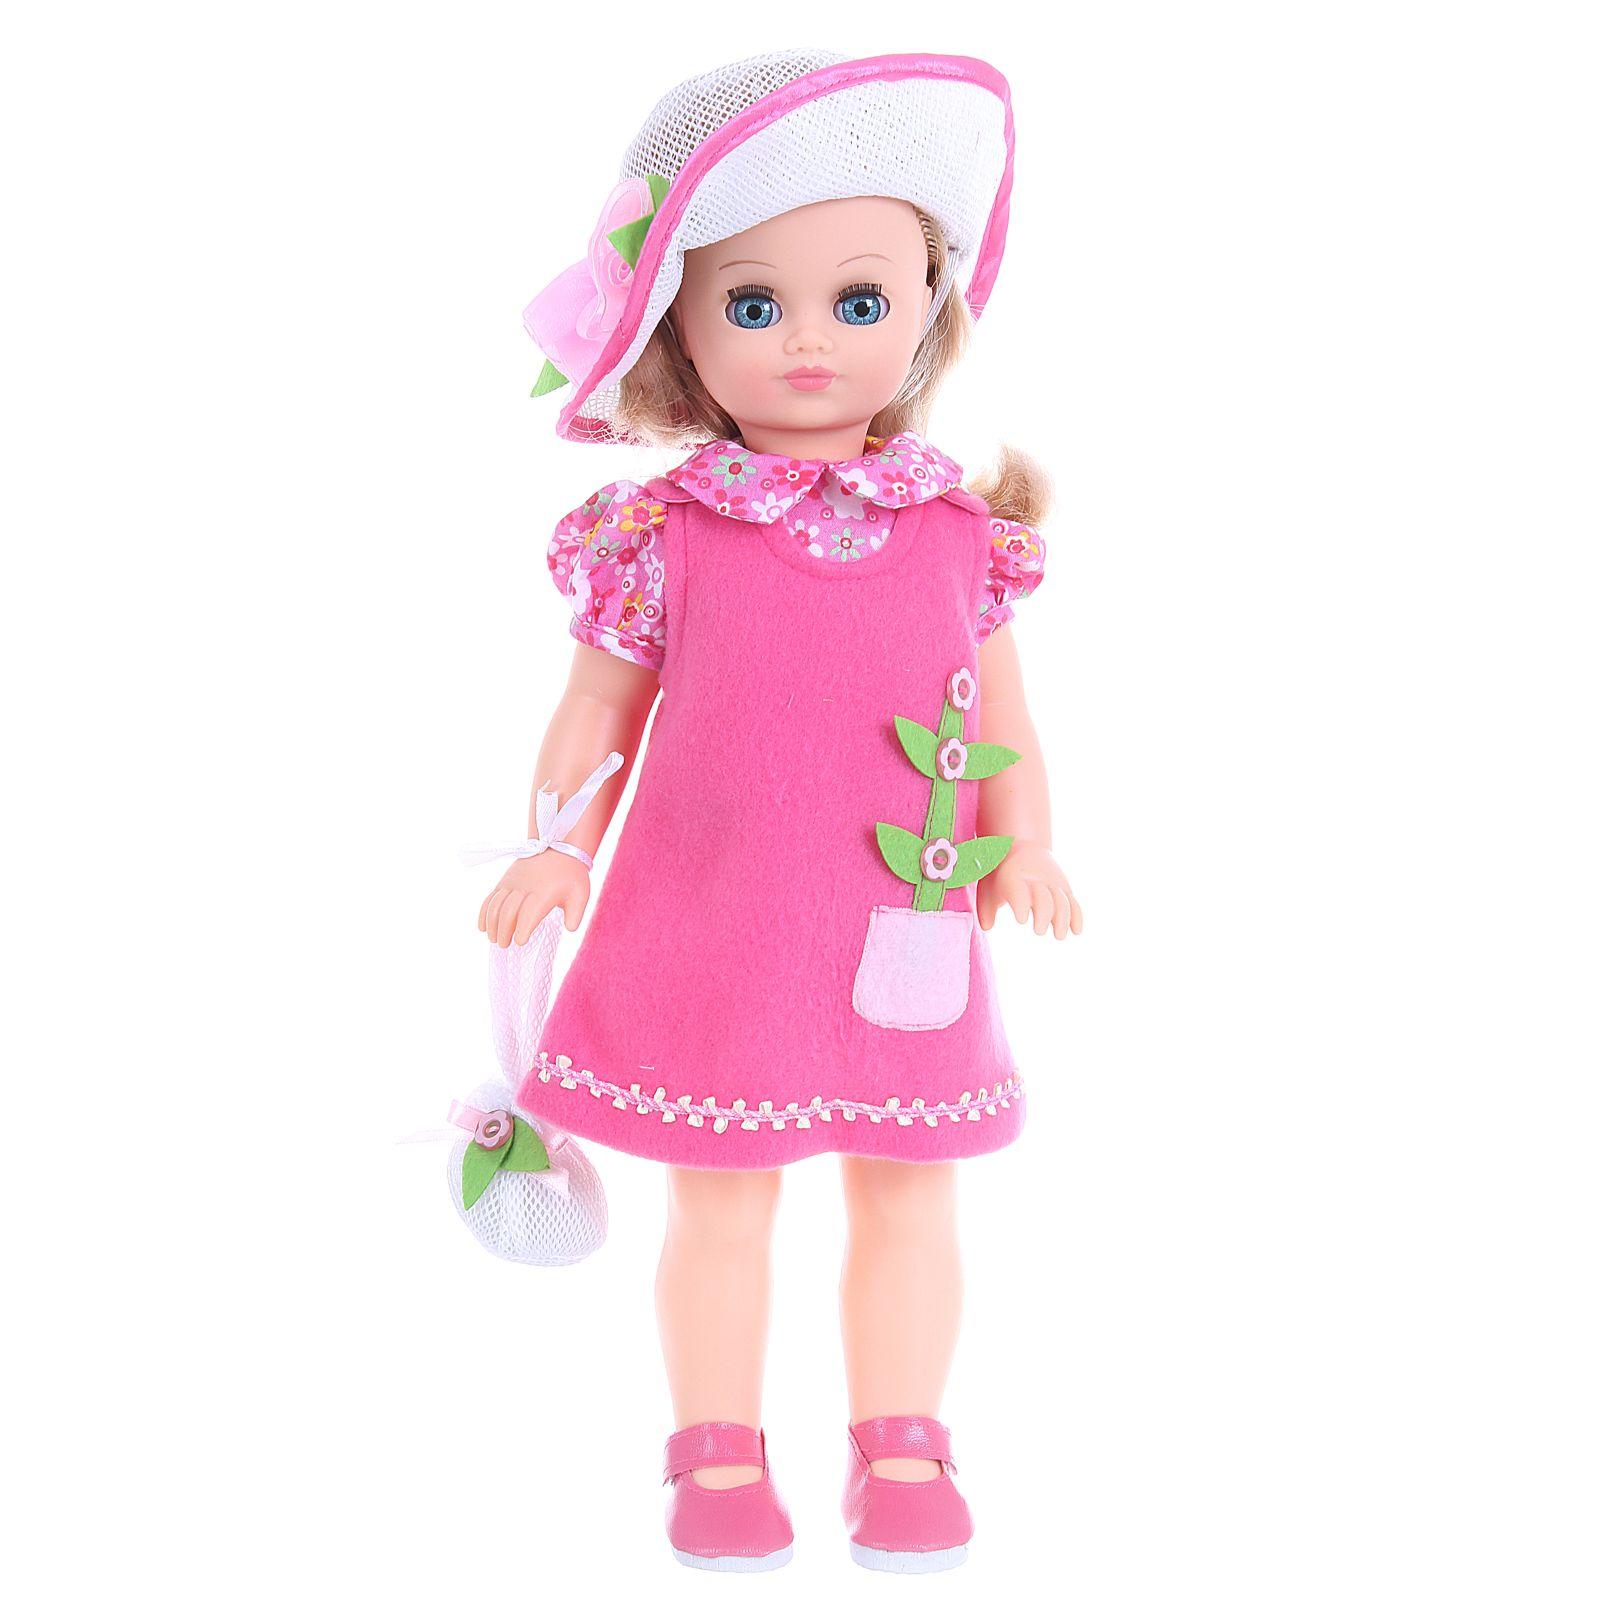 Куклы картинки для девочек, своими